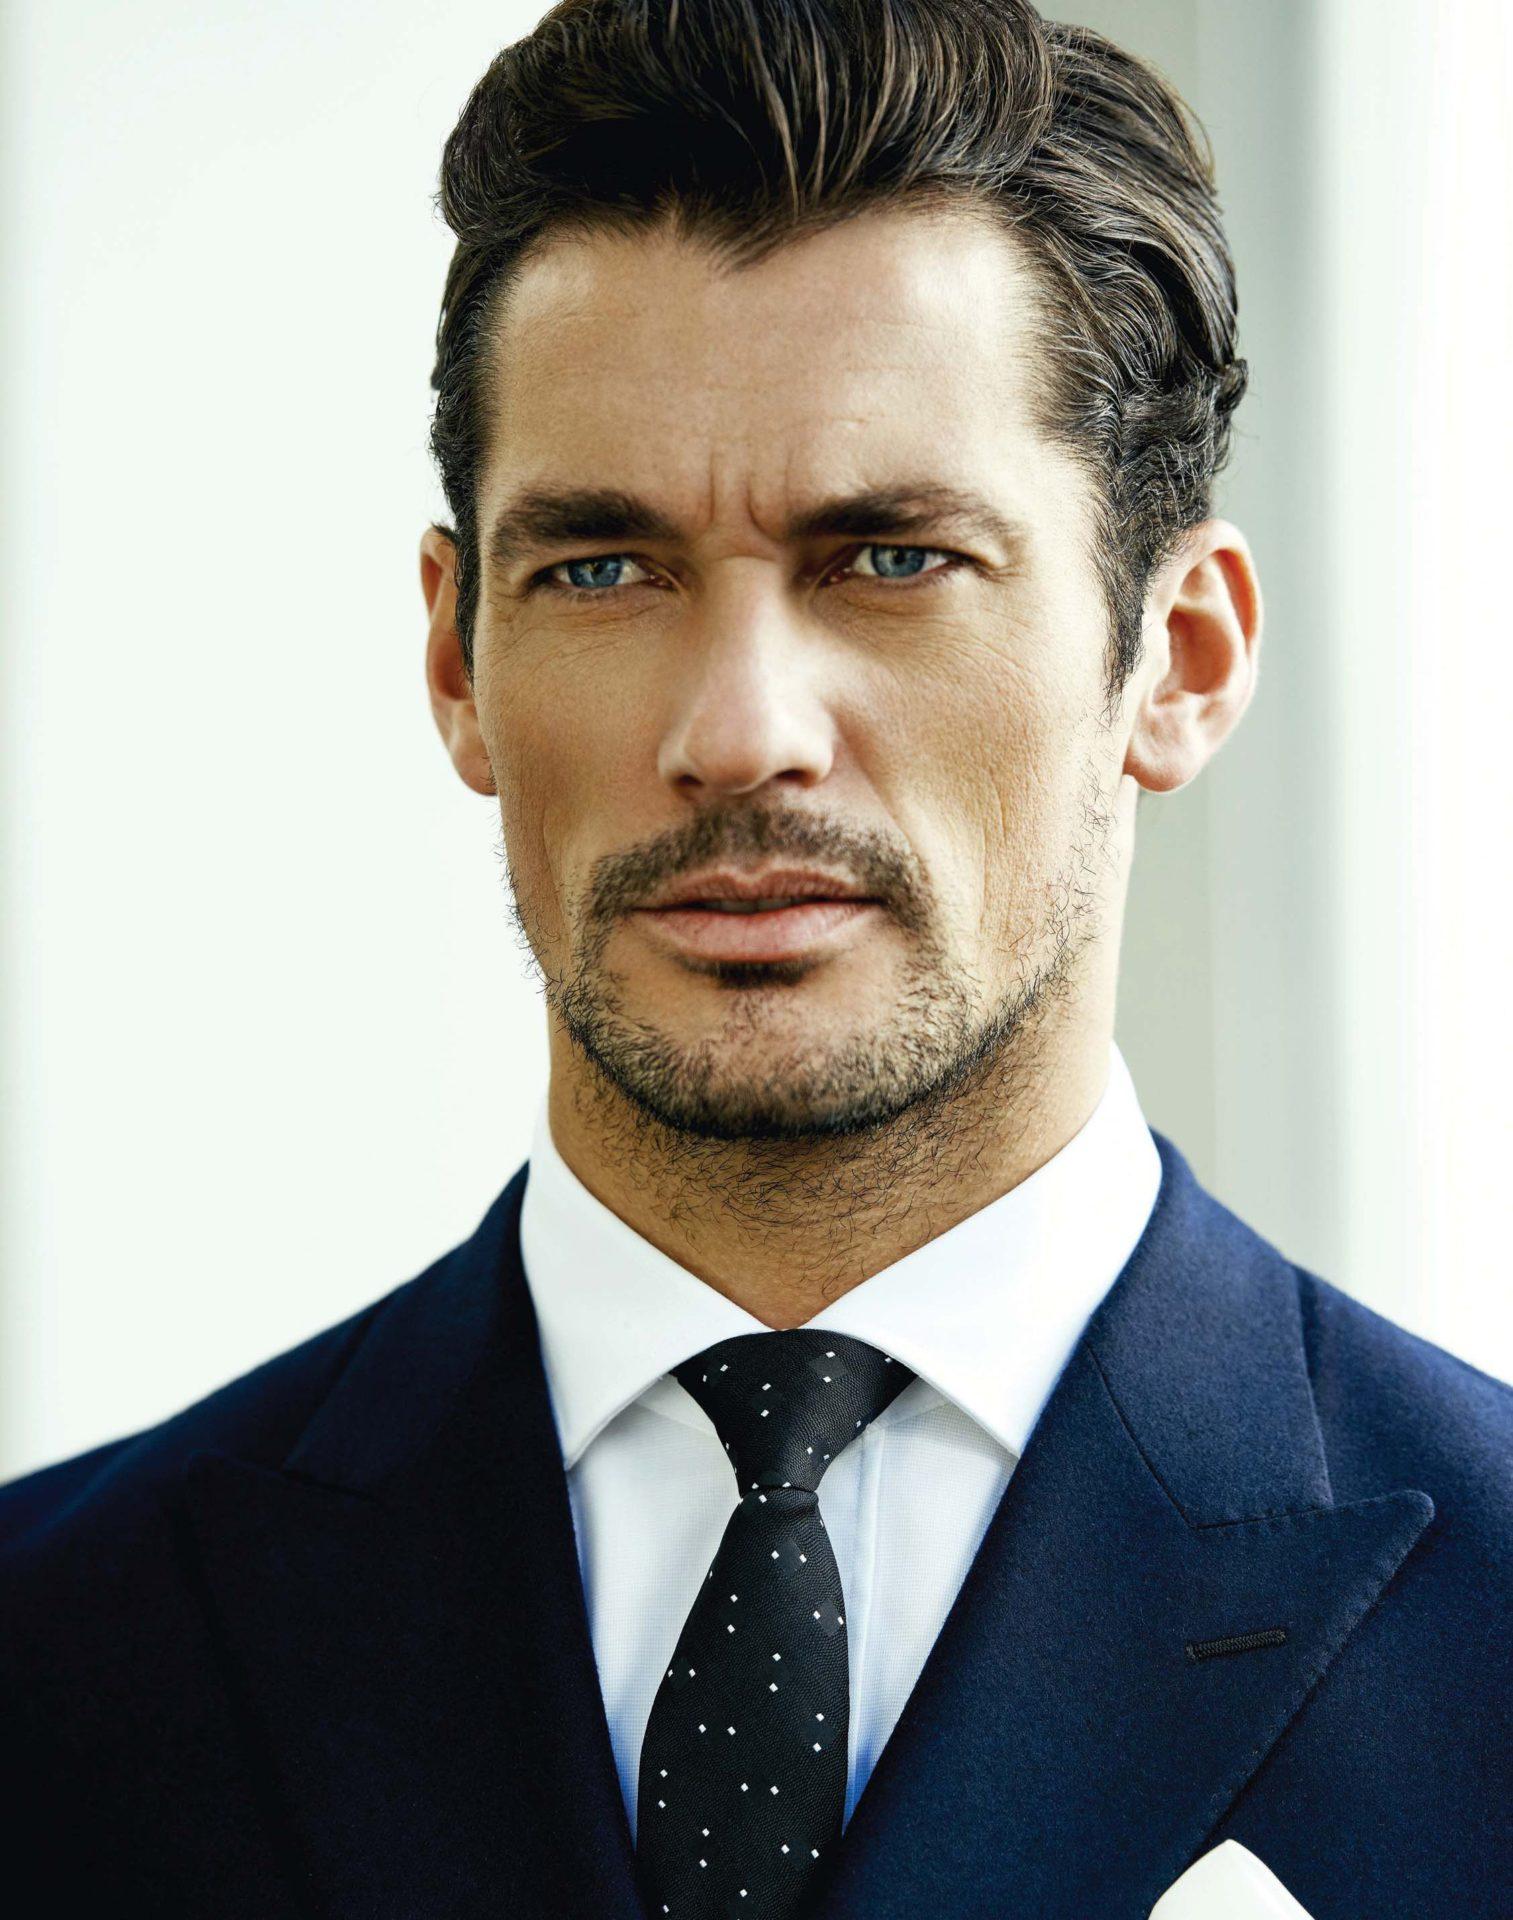 Celebrity Male Style Profile – David Gandy